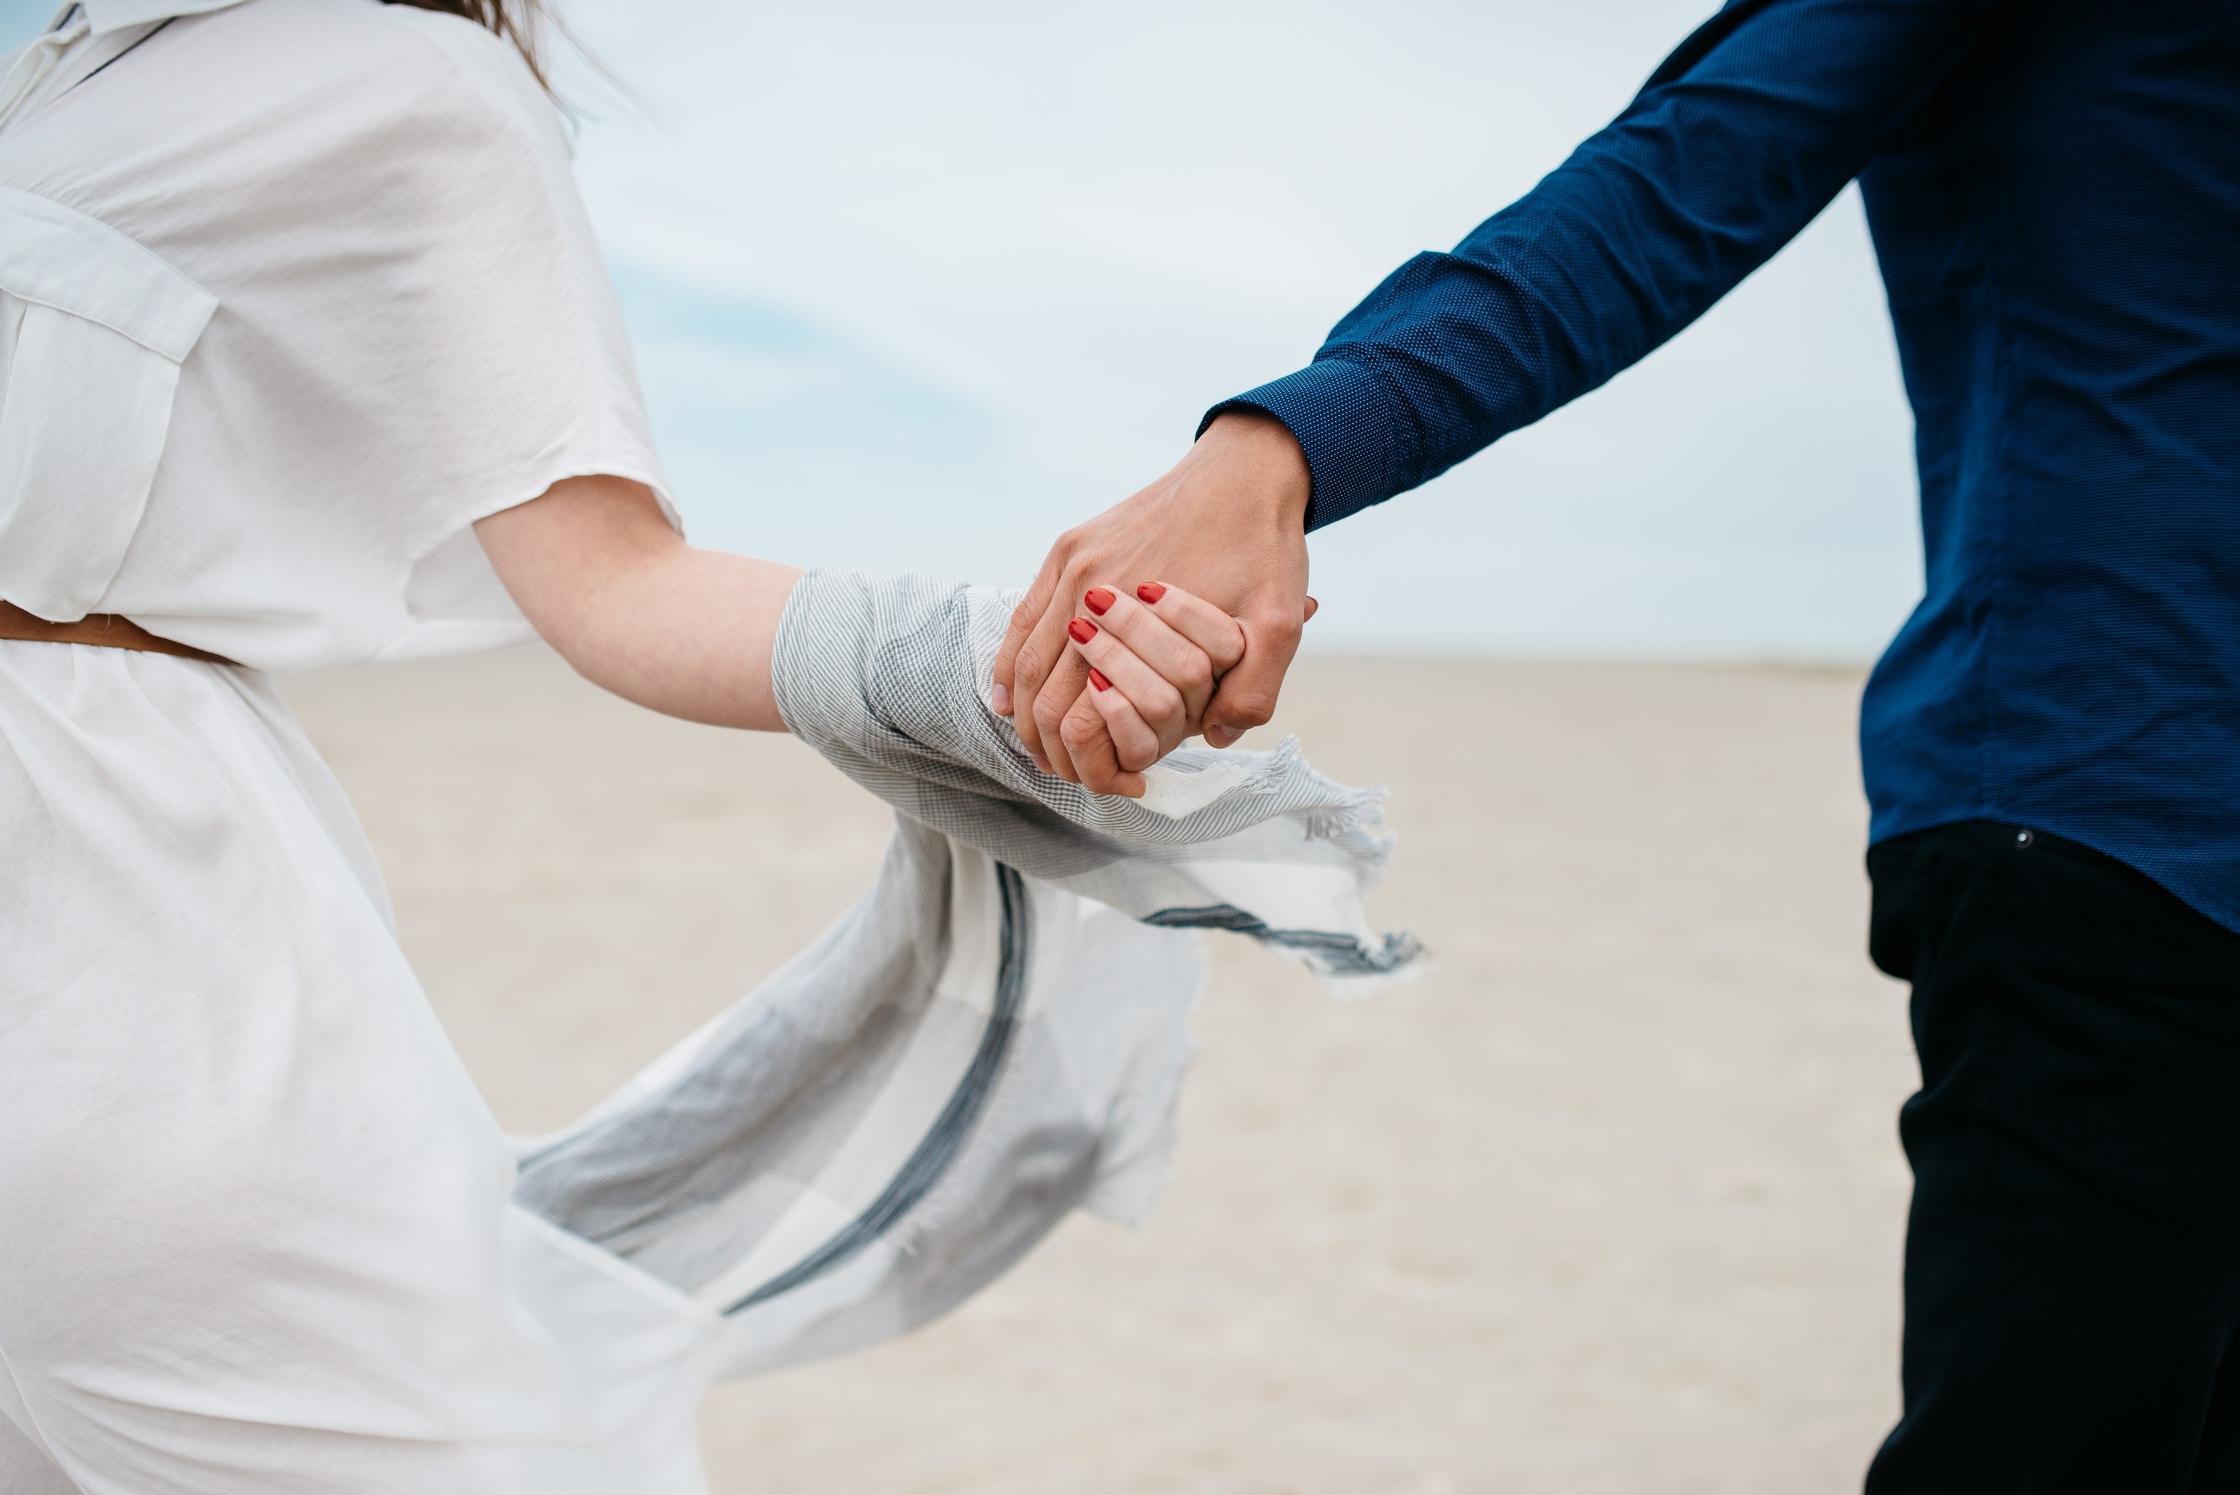 Tipps für glückliche Beziehungen, stabile Beziehungen